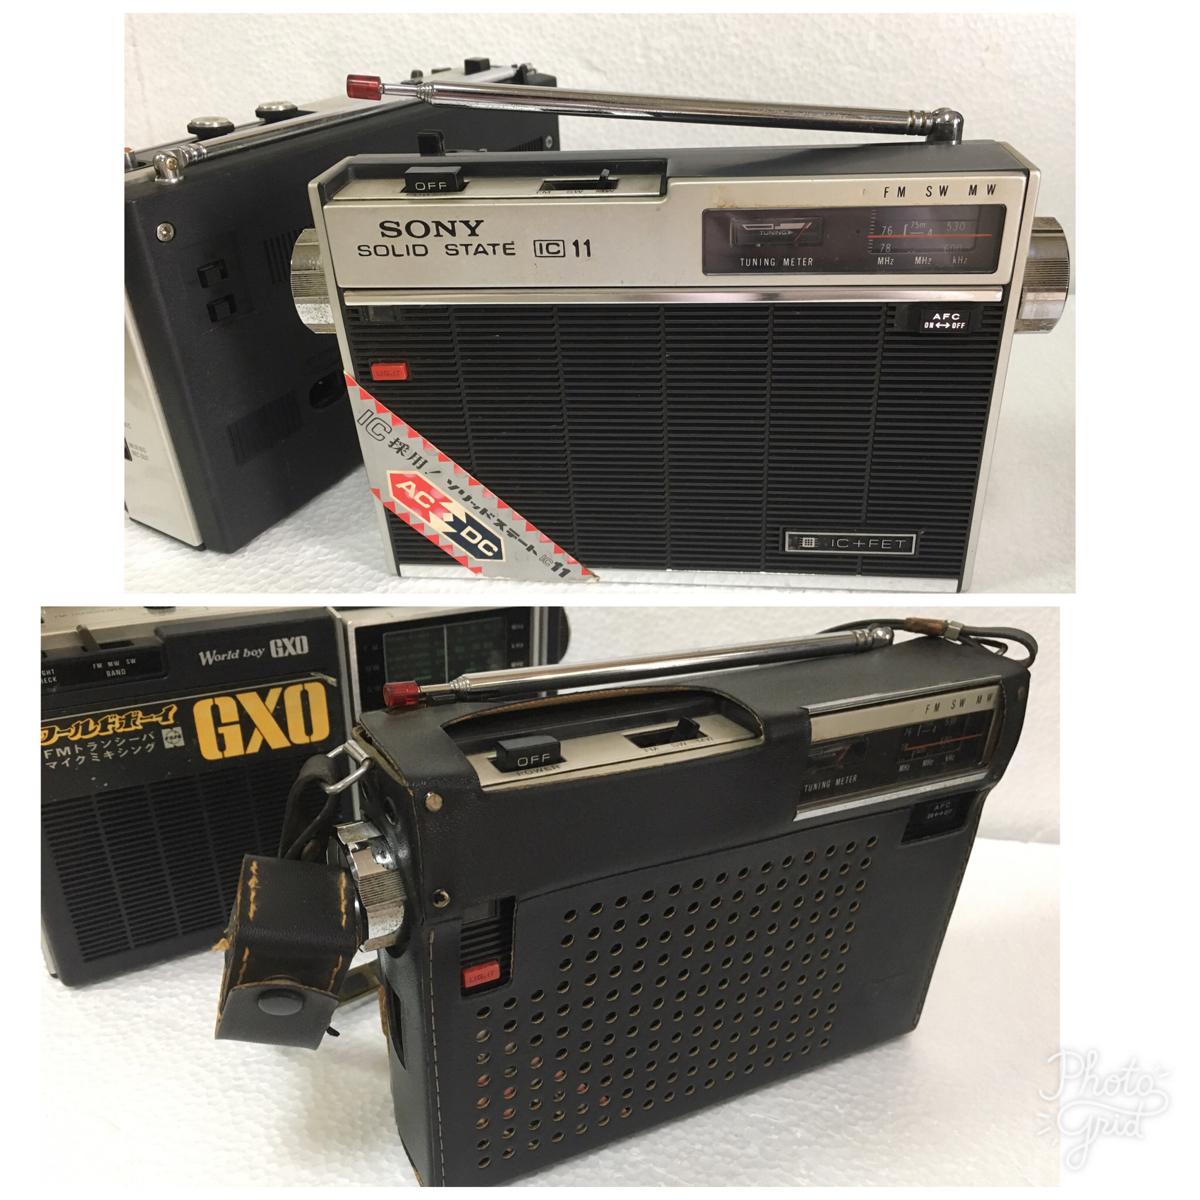 《レトロ》昭和 昔のラジオ ナショナル 『ワールドボーイ GXO』と ソニー 『ICF-110』まとめて2台 ジャンク品_画像3